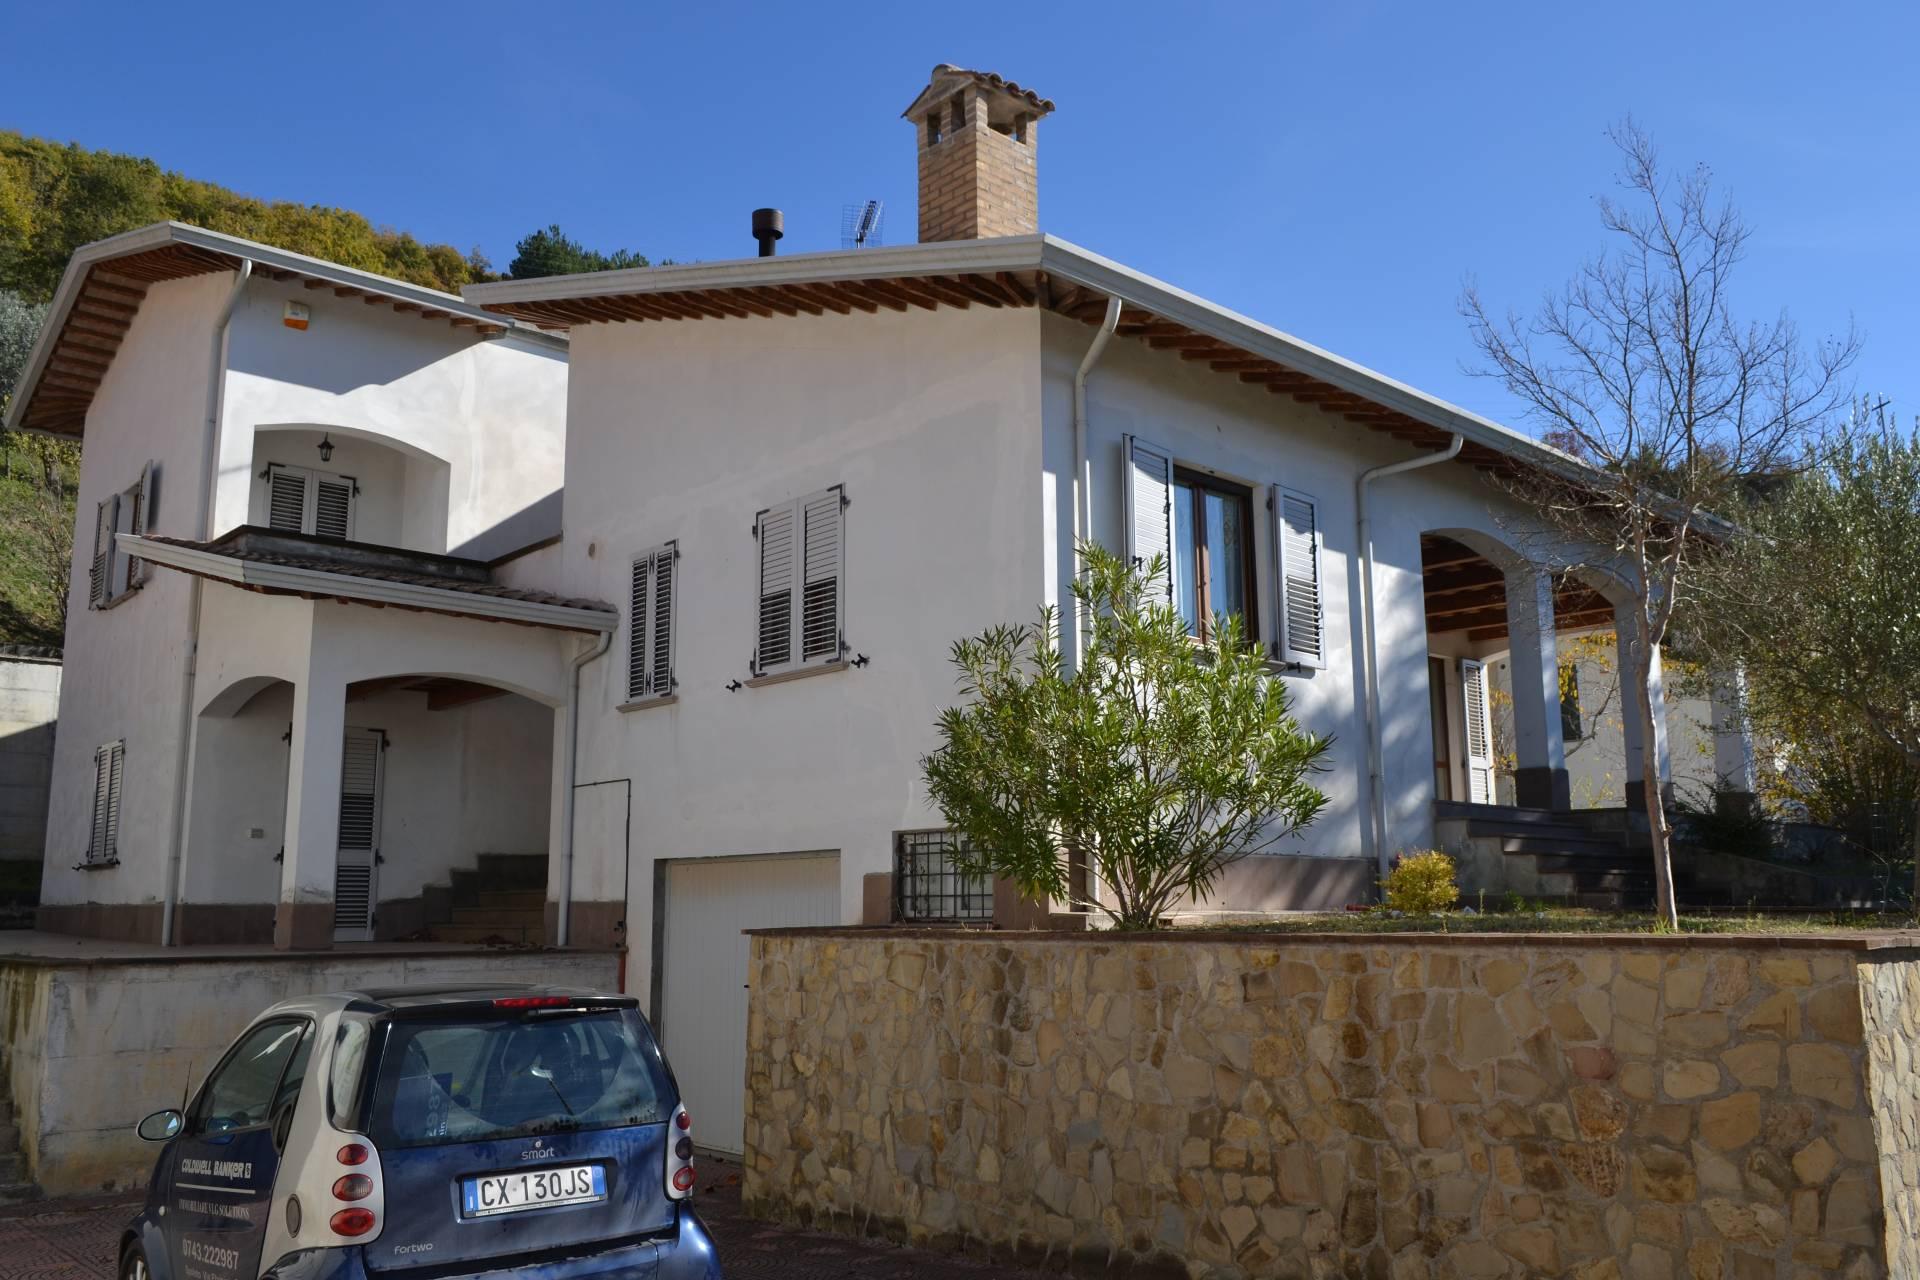 Villa in vendita a Nocera Umbra, 10 locali, prezzo € 280.000 | Cambio Casa.it